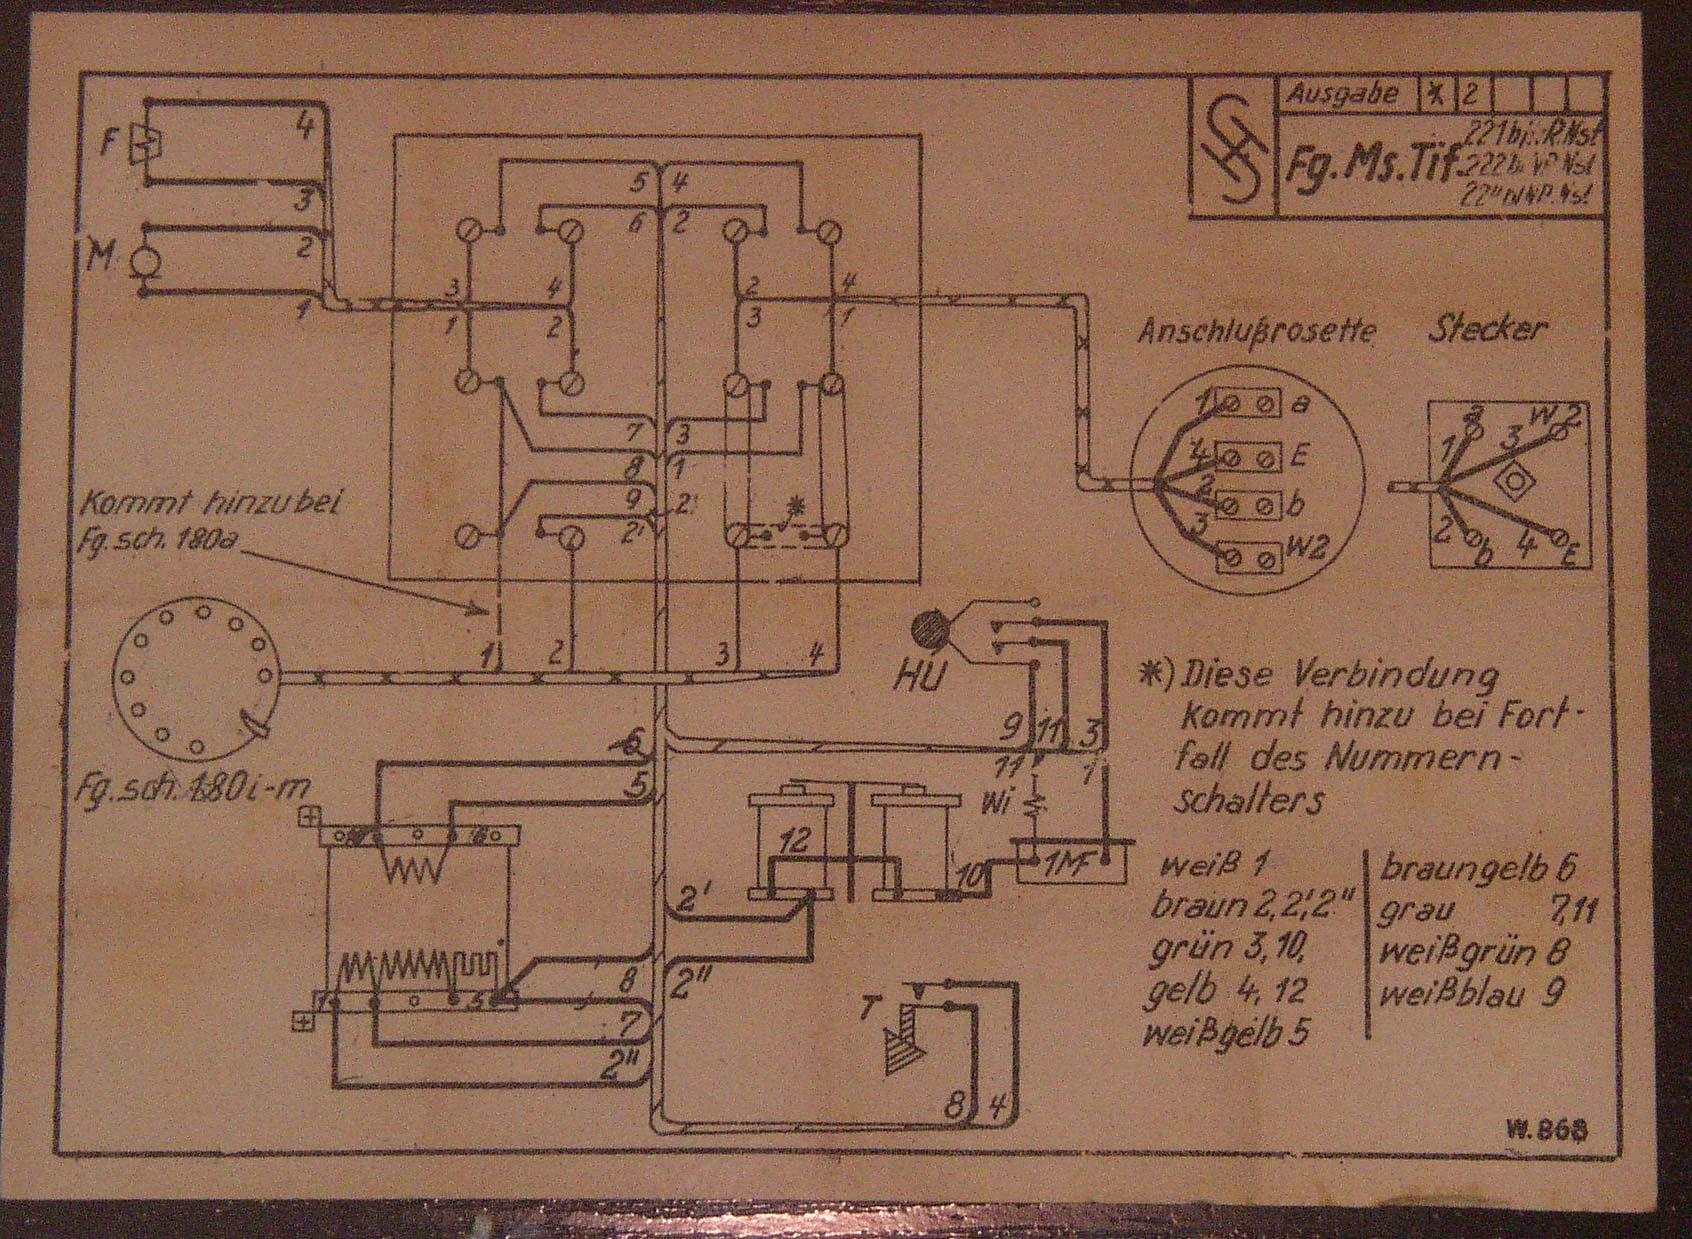 Ziemlich Lichtmaschine Schaltplan Ausweichen Fotos - Der Schaltplan ...